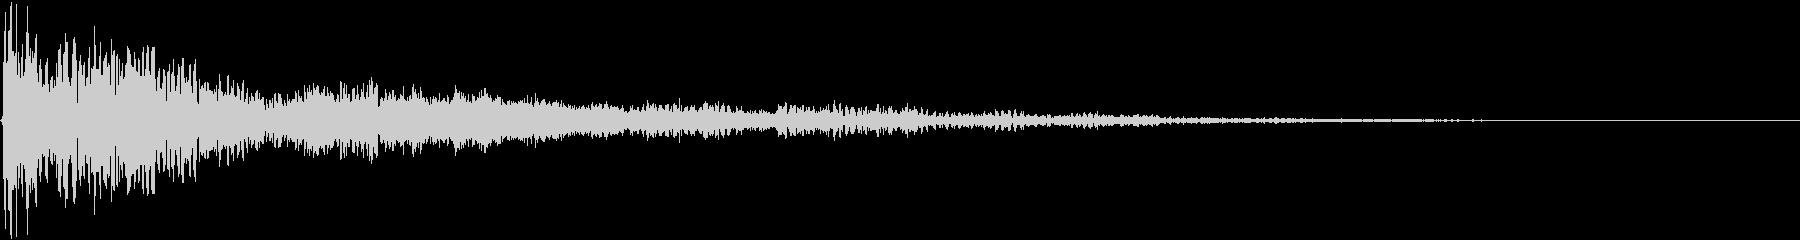 CINEMATICな音をタイトルにの未再生の波形